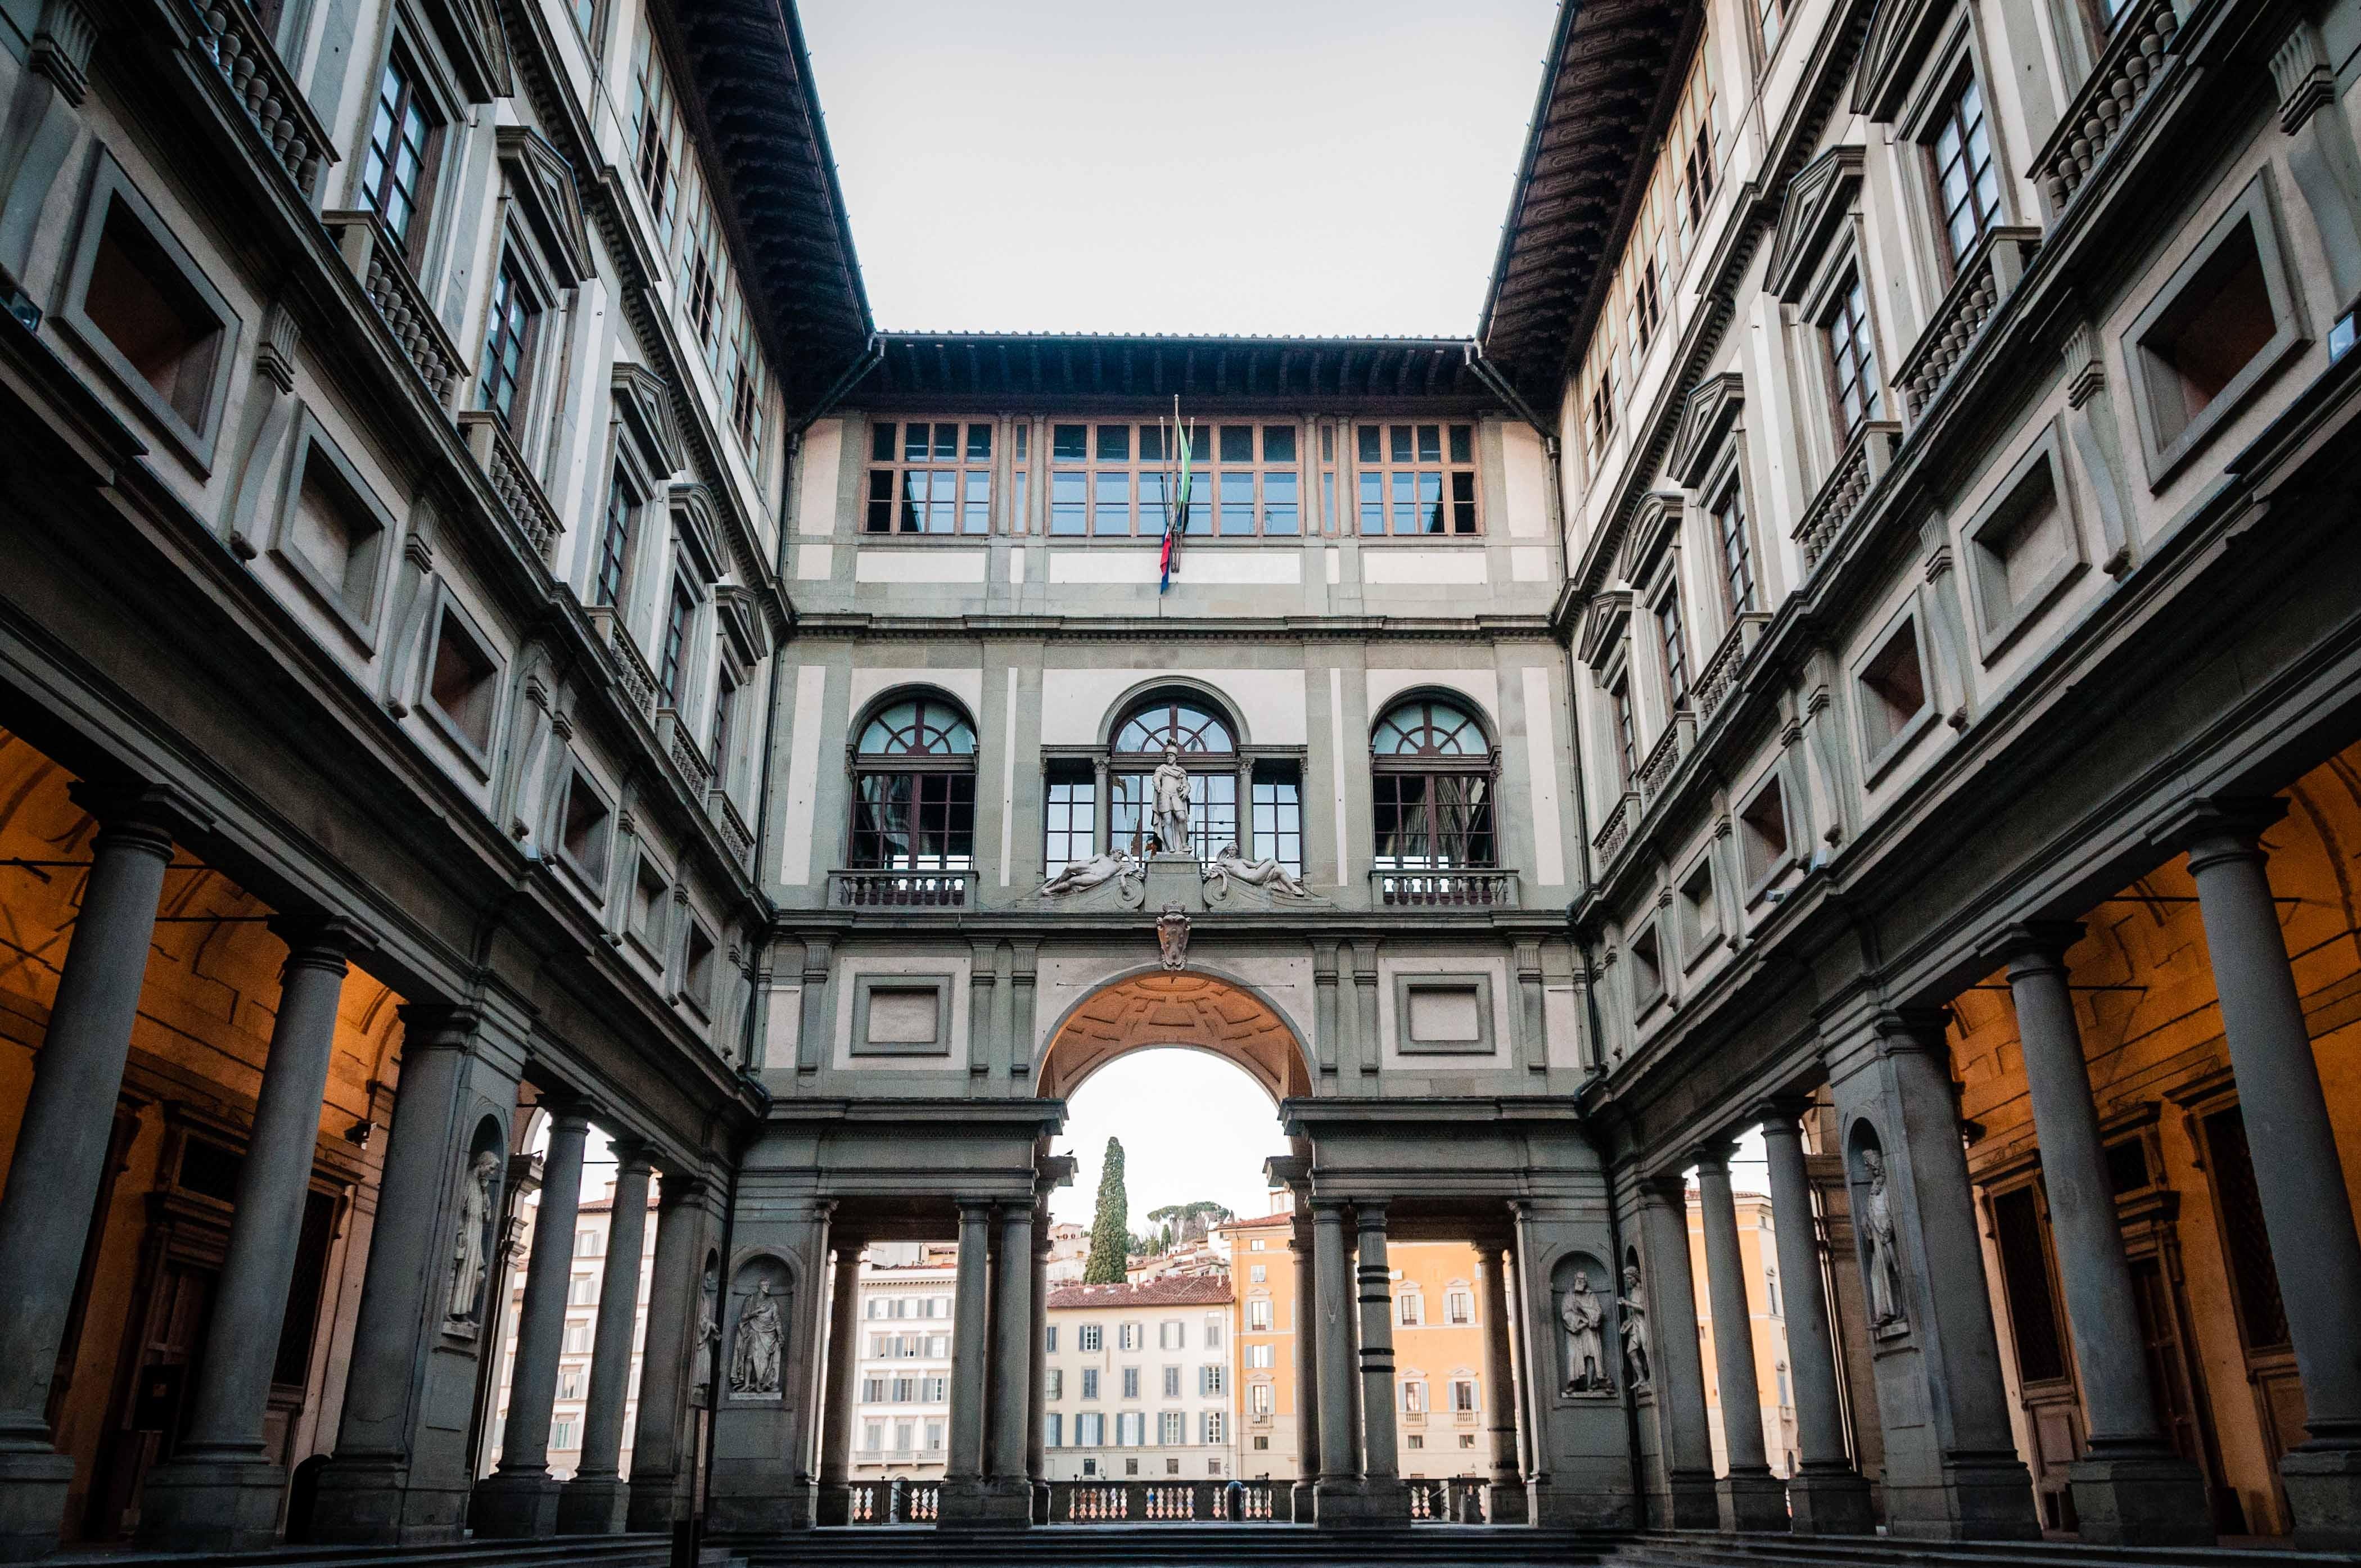 Uffizi Gallery, Florence: All year